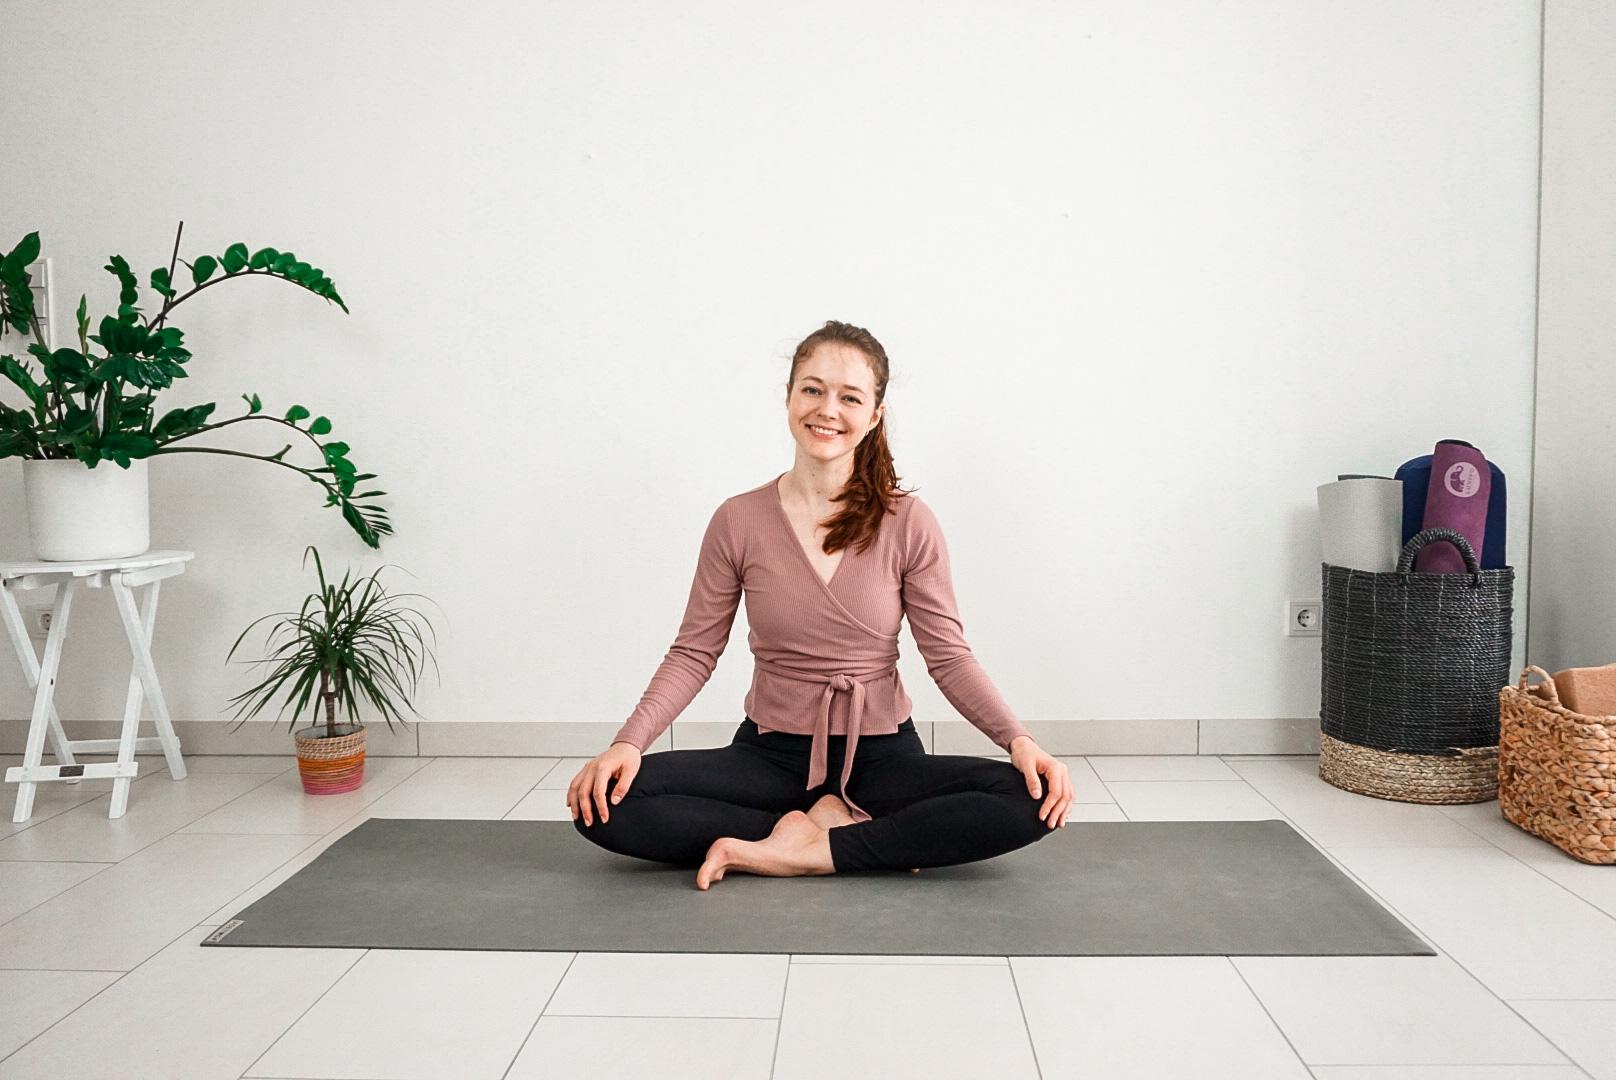 Yoga with Uliana